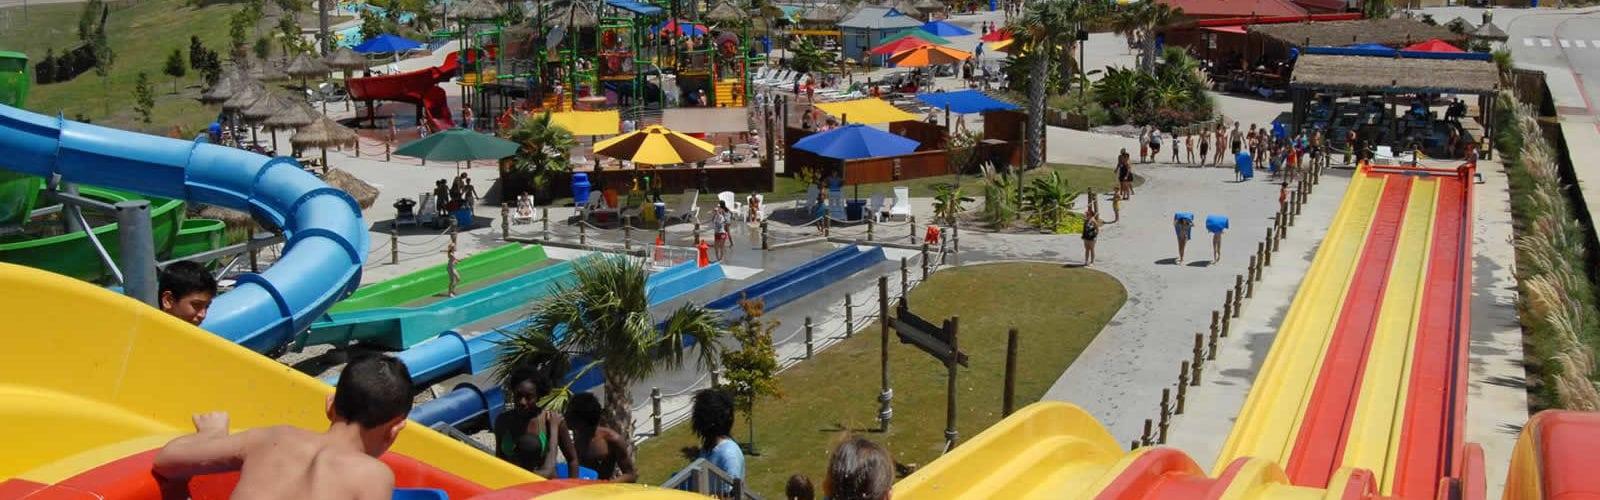 top-3-parcs-aquatiques-attraction-toboggan-austin-une